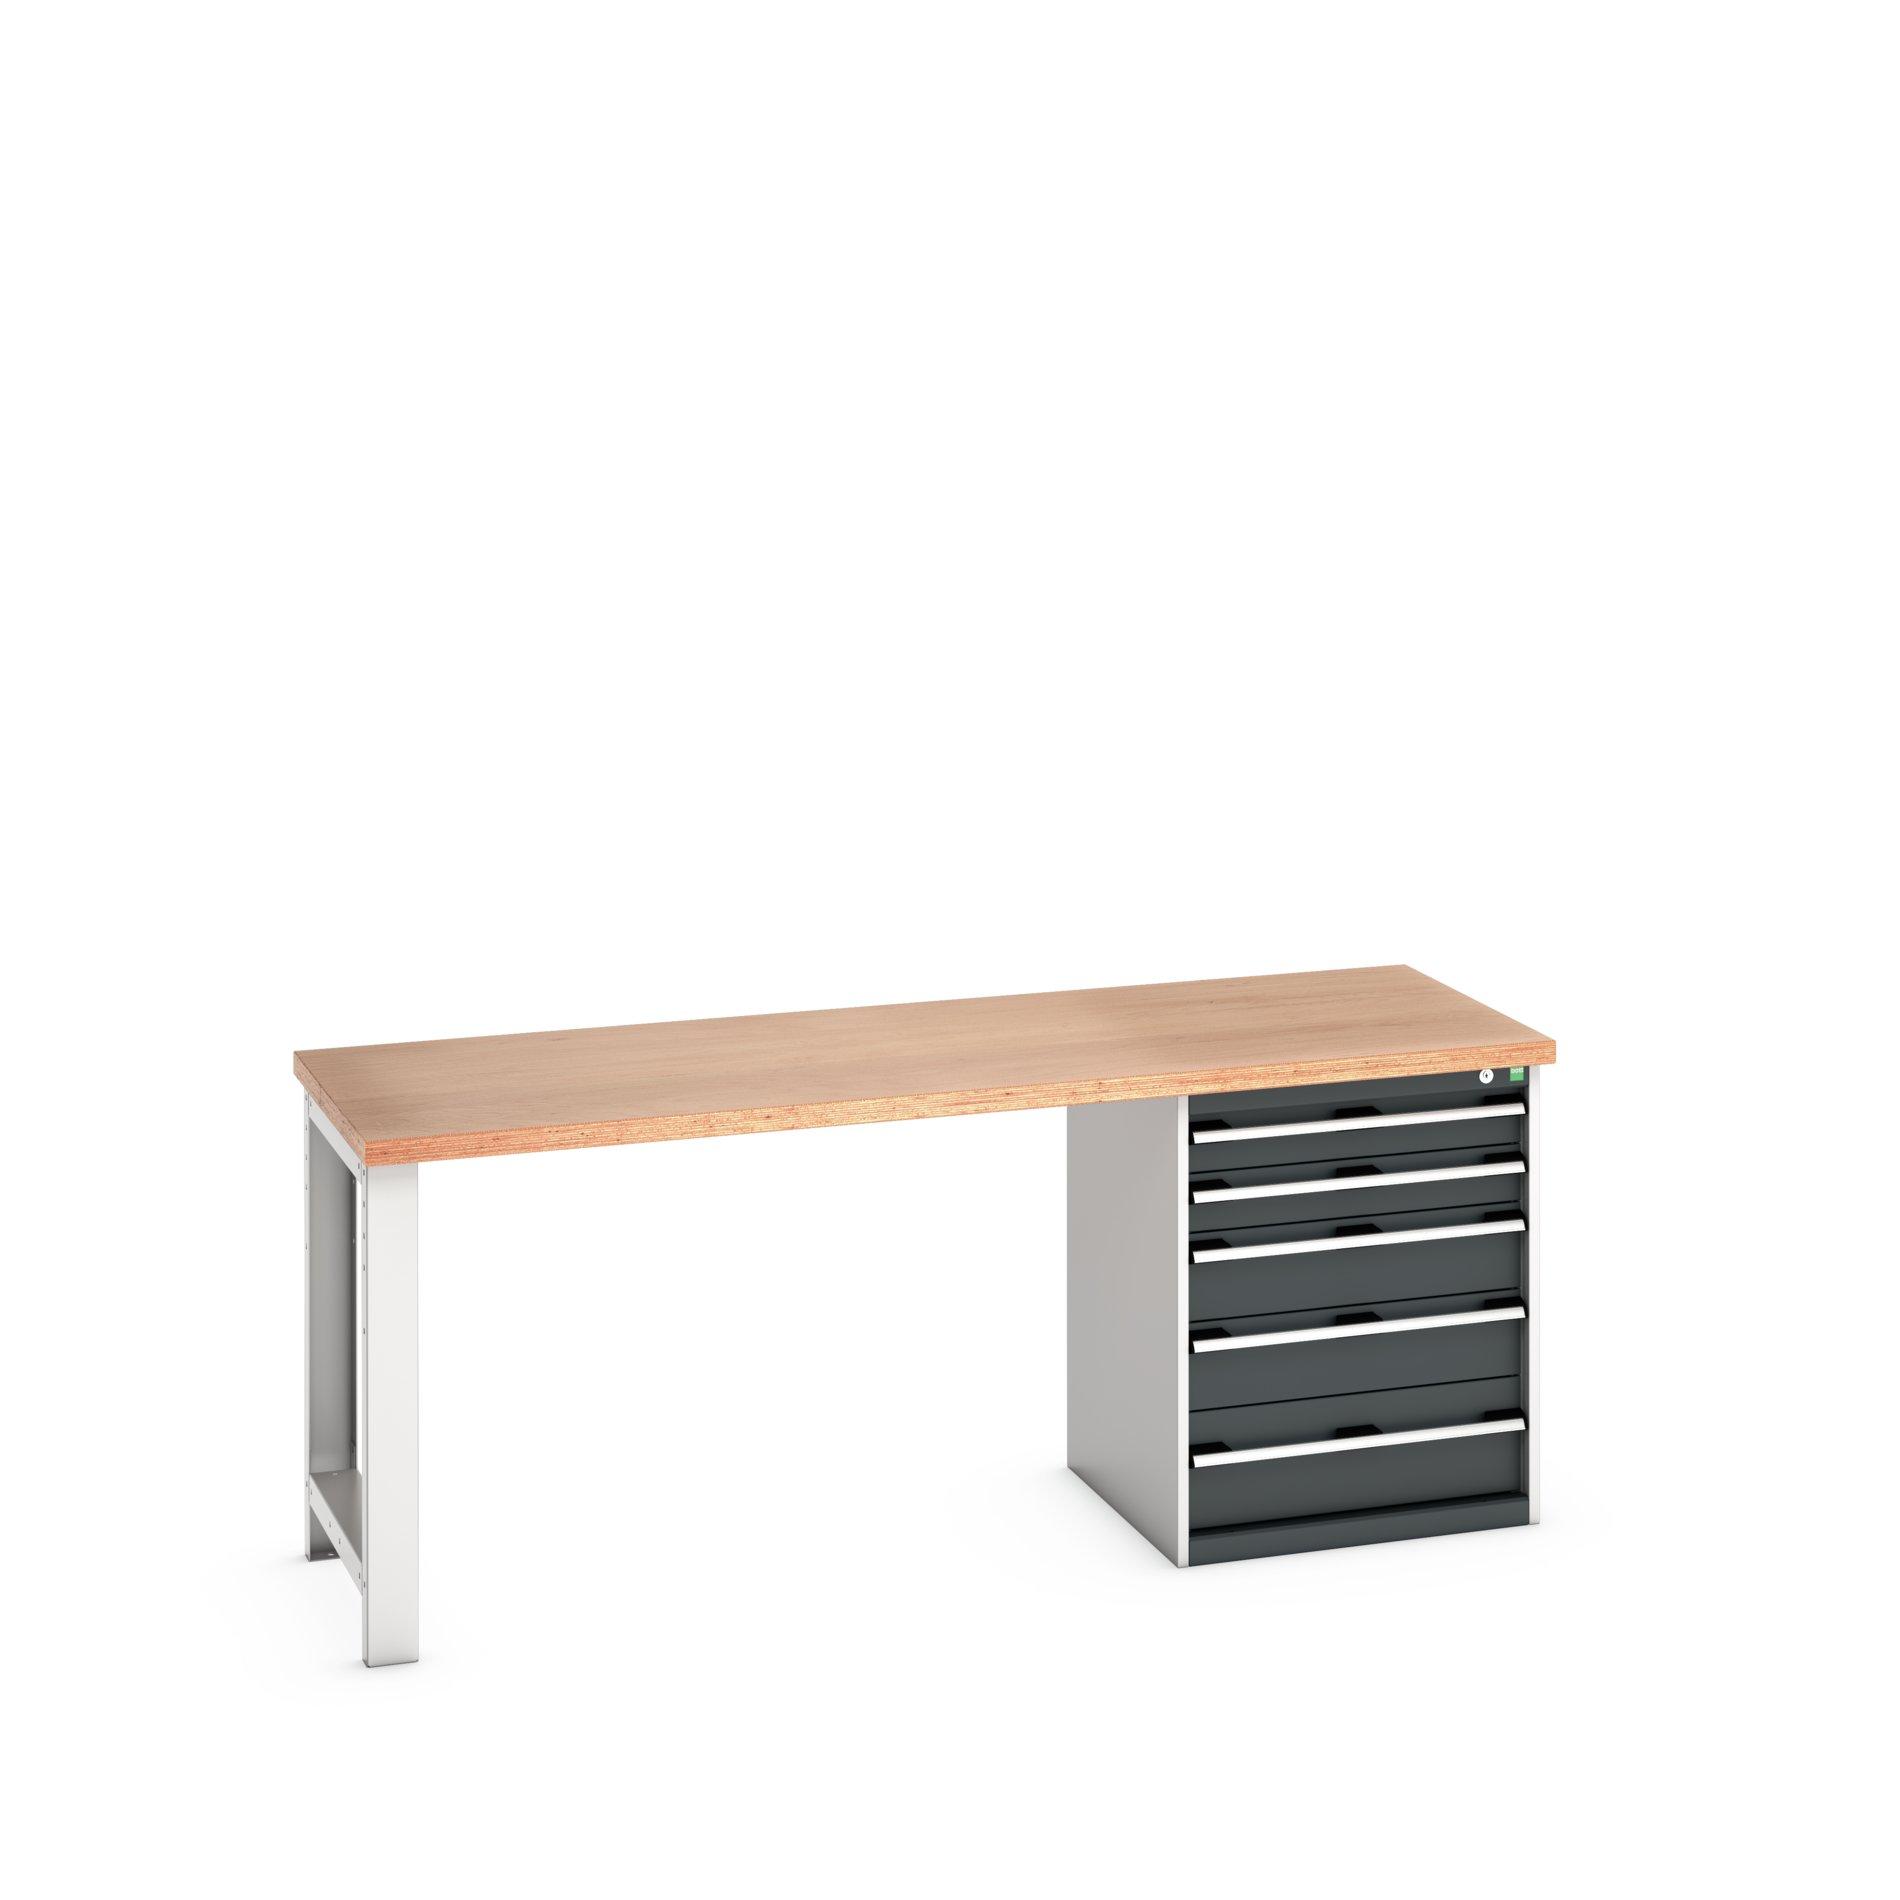 Bott Cubio Pedestal Bench With 5 Drawer Cabinet